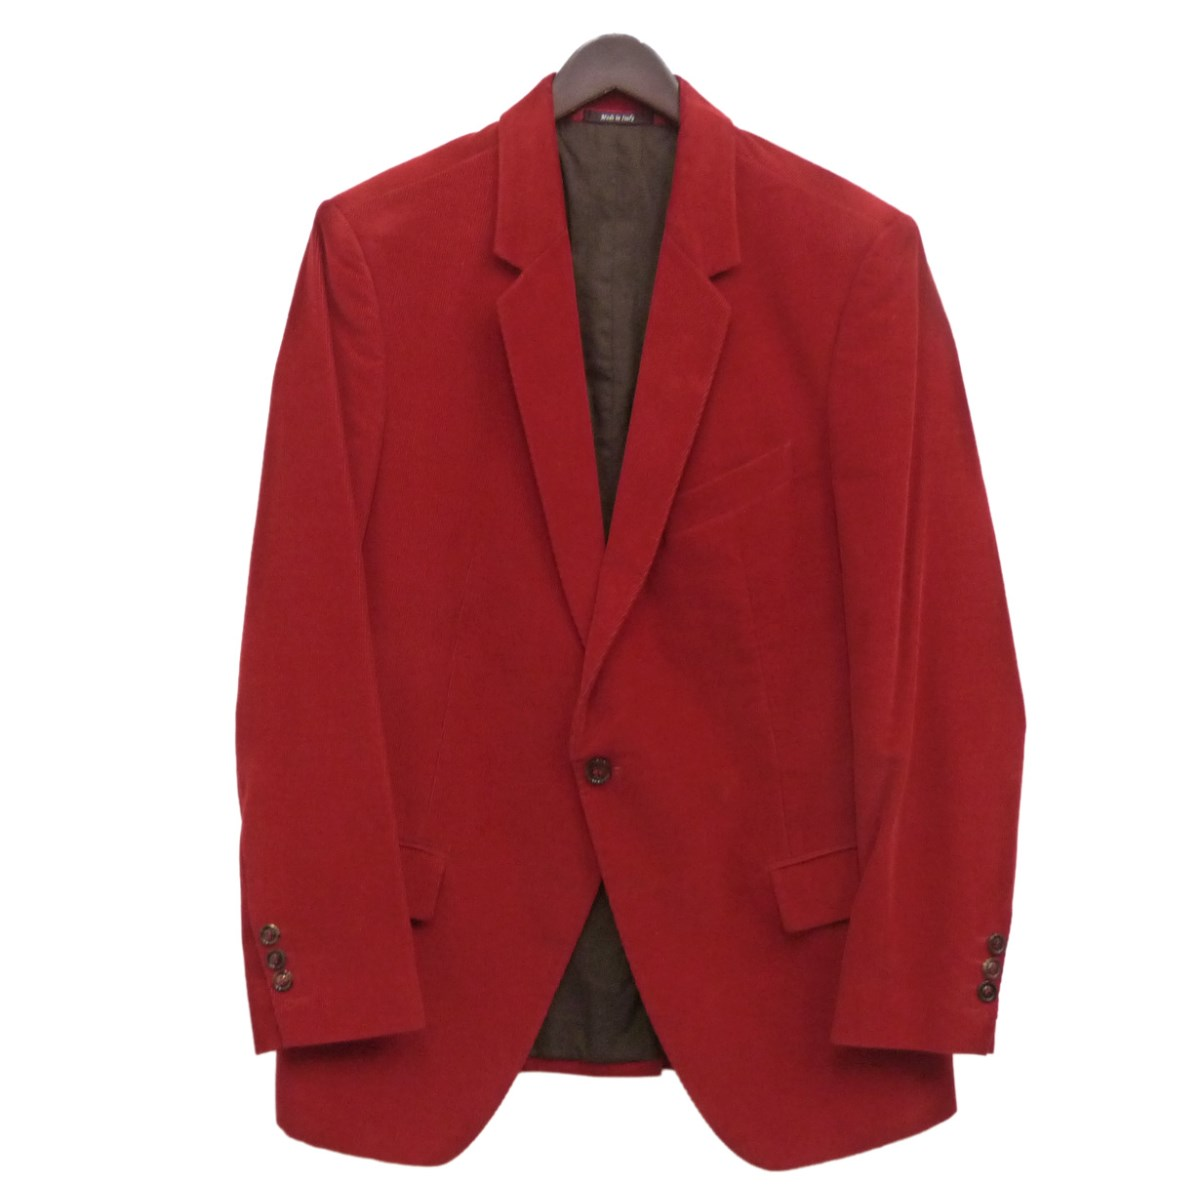 【中古】Martin Margiela 10 13AWコーデュロイノッチド2Bジャケット レッド サイズ:46 【171119】(マルタンマルジェラ10)